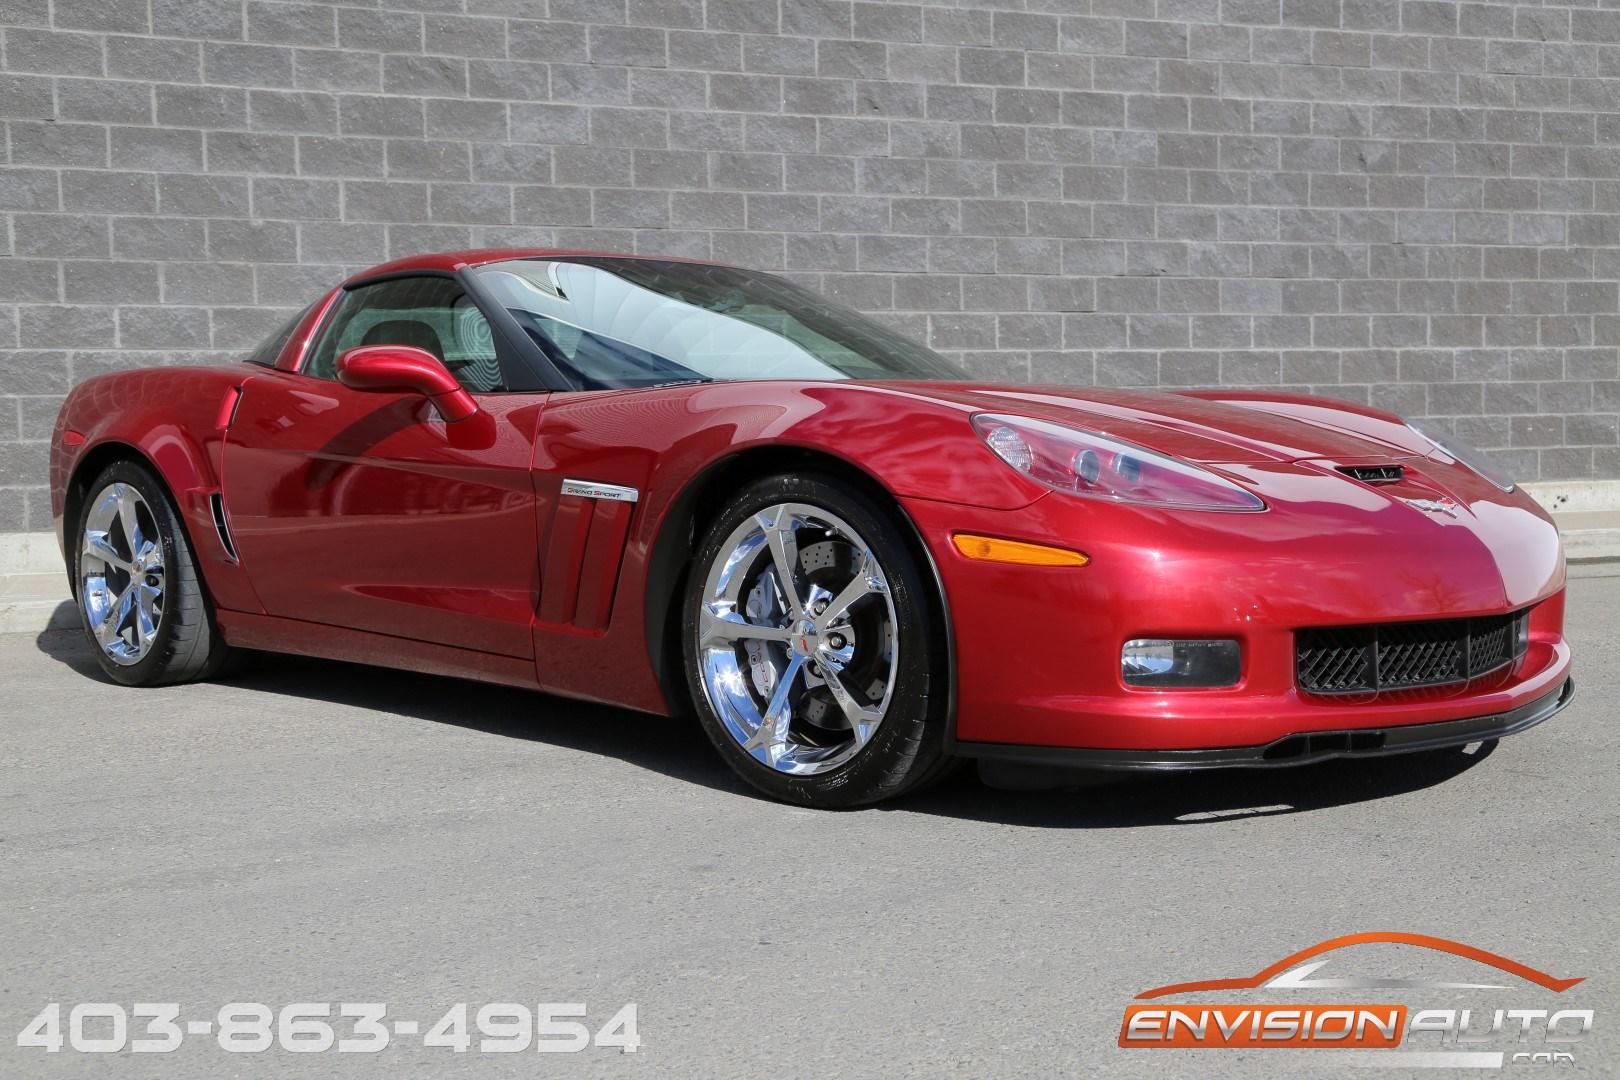 2012 Chevrolet Corvette Grand Sport 3LT Mag Ride 1G1YS2DW3C5110029 18 - 2012 Chevrolet Corvette Grand Sport Coupe 4lt